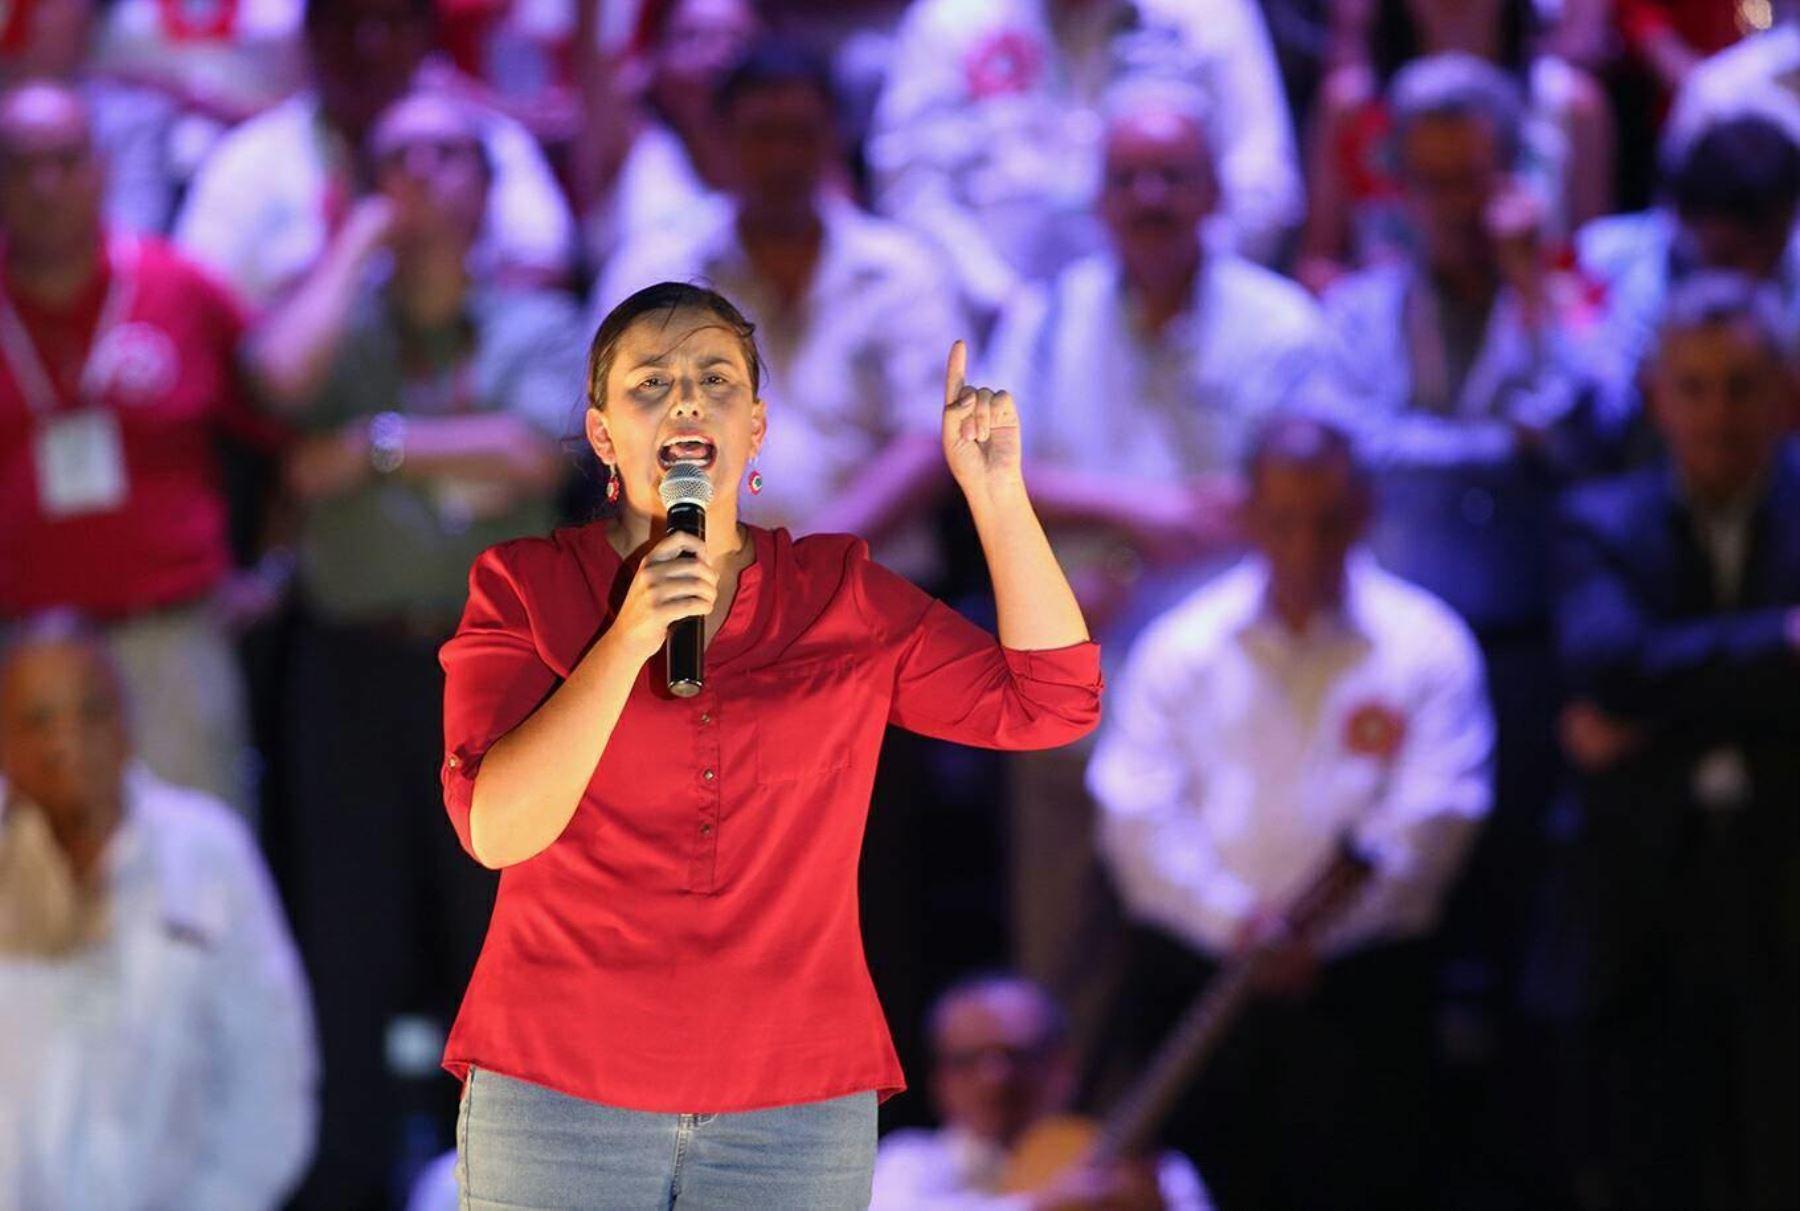 Verónika Mendoza, excandidata a la Presidencia de la República en las elecciones del 2016. Obtuvo más de 2 millones 800 mil votos. Se prepara para participar en los comicios del 2021. ANDINA/ Juan Carlos Guzman